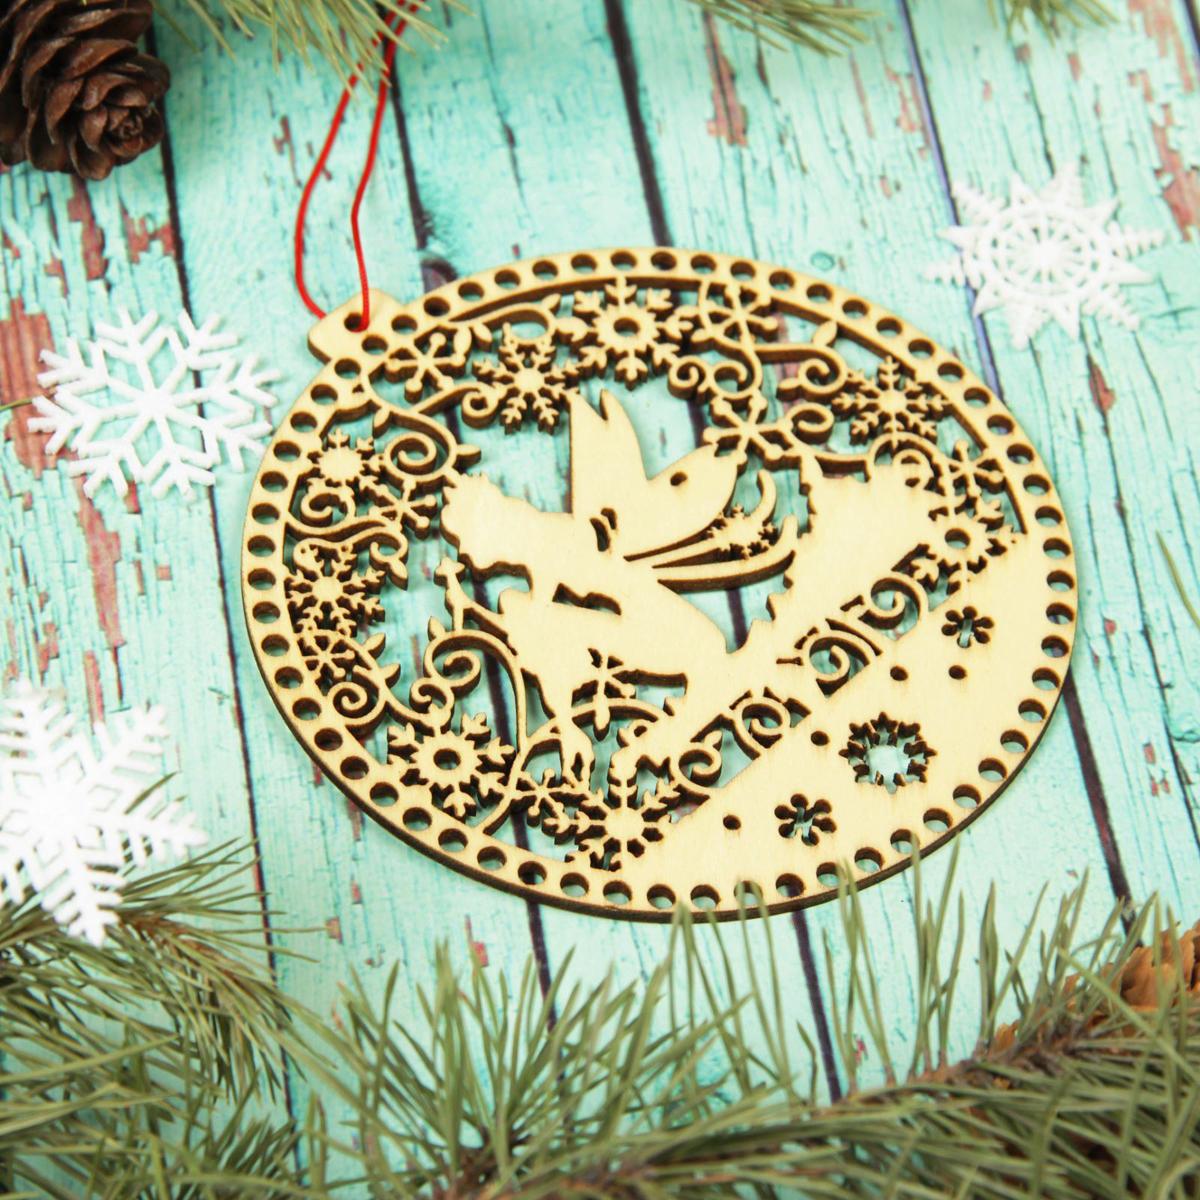 Украшение новогоднее подвесное Sima-land Зимний ангел, 12 х 12,5 см2303276Невозможно представить нашу жизнь без праздников! Мы всегда ждём их и предвкушаем, обдумываем, как проведём памятный день, тщательно выбираем подарки и аксессуары, ведь именно они создают и поддерживают торжественный настрой.